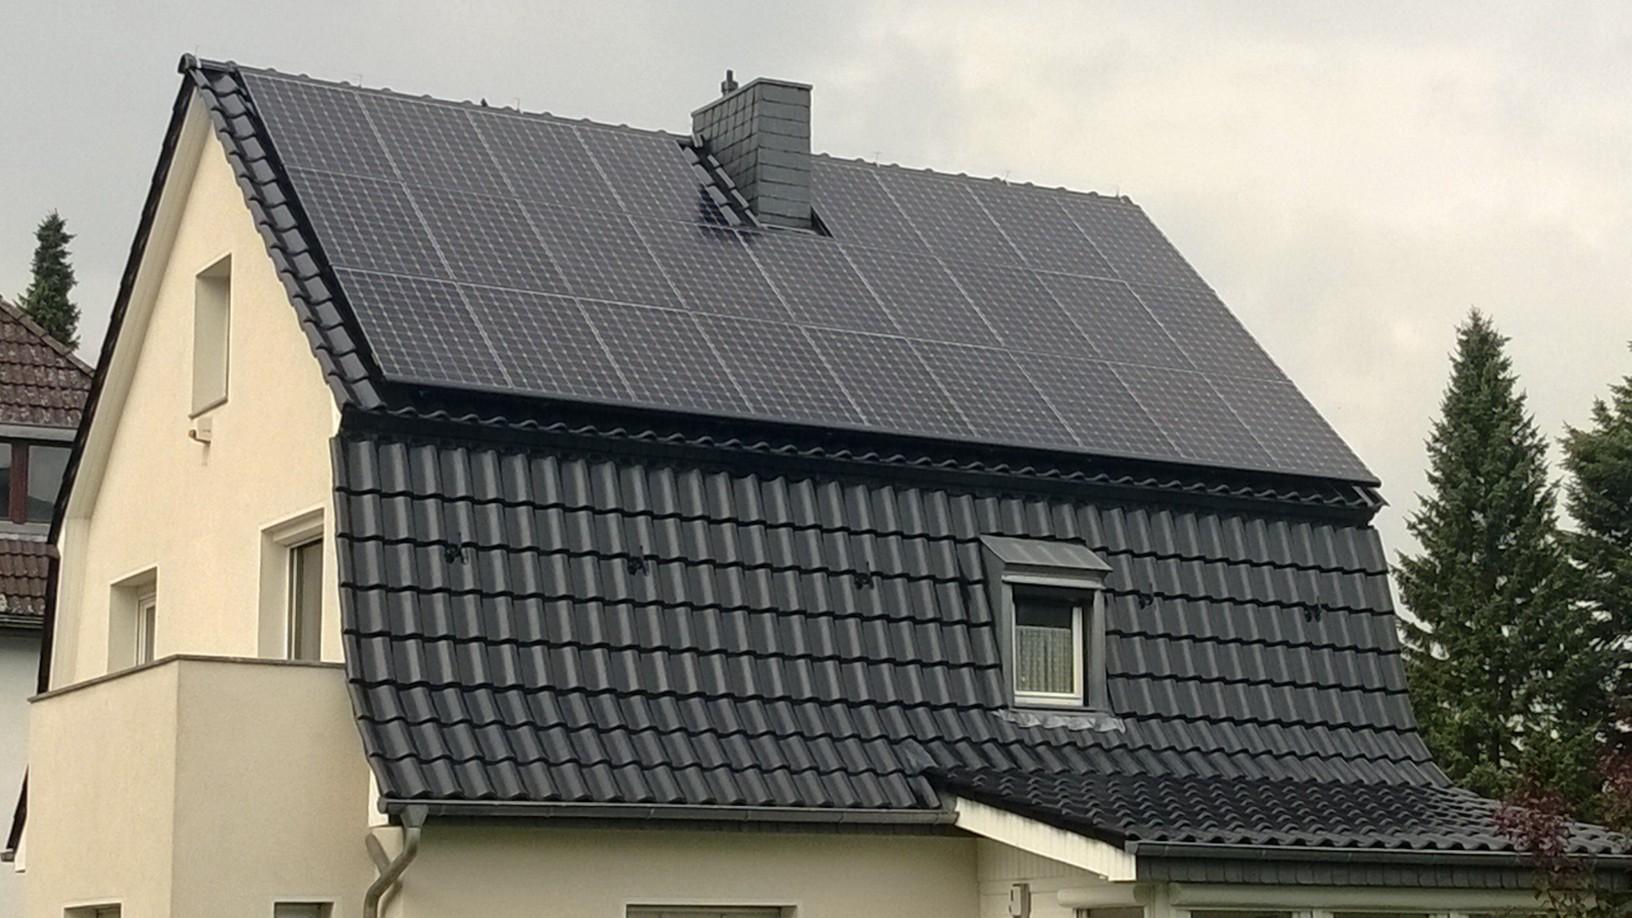 8,97 kWp Sunpower (X21 345W Module) mit Solaredge Wechselrichter in Berlin